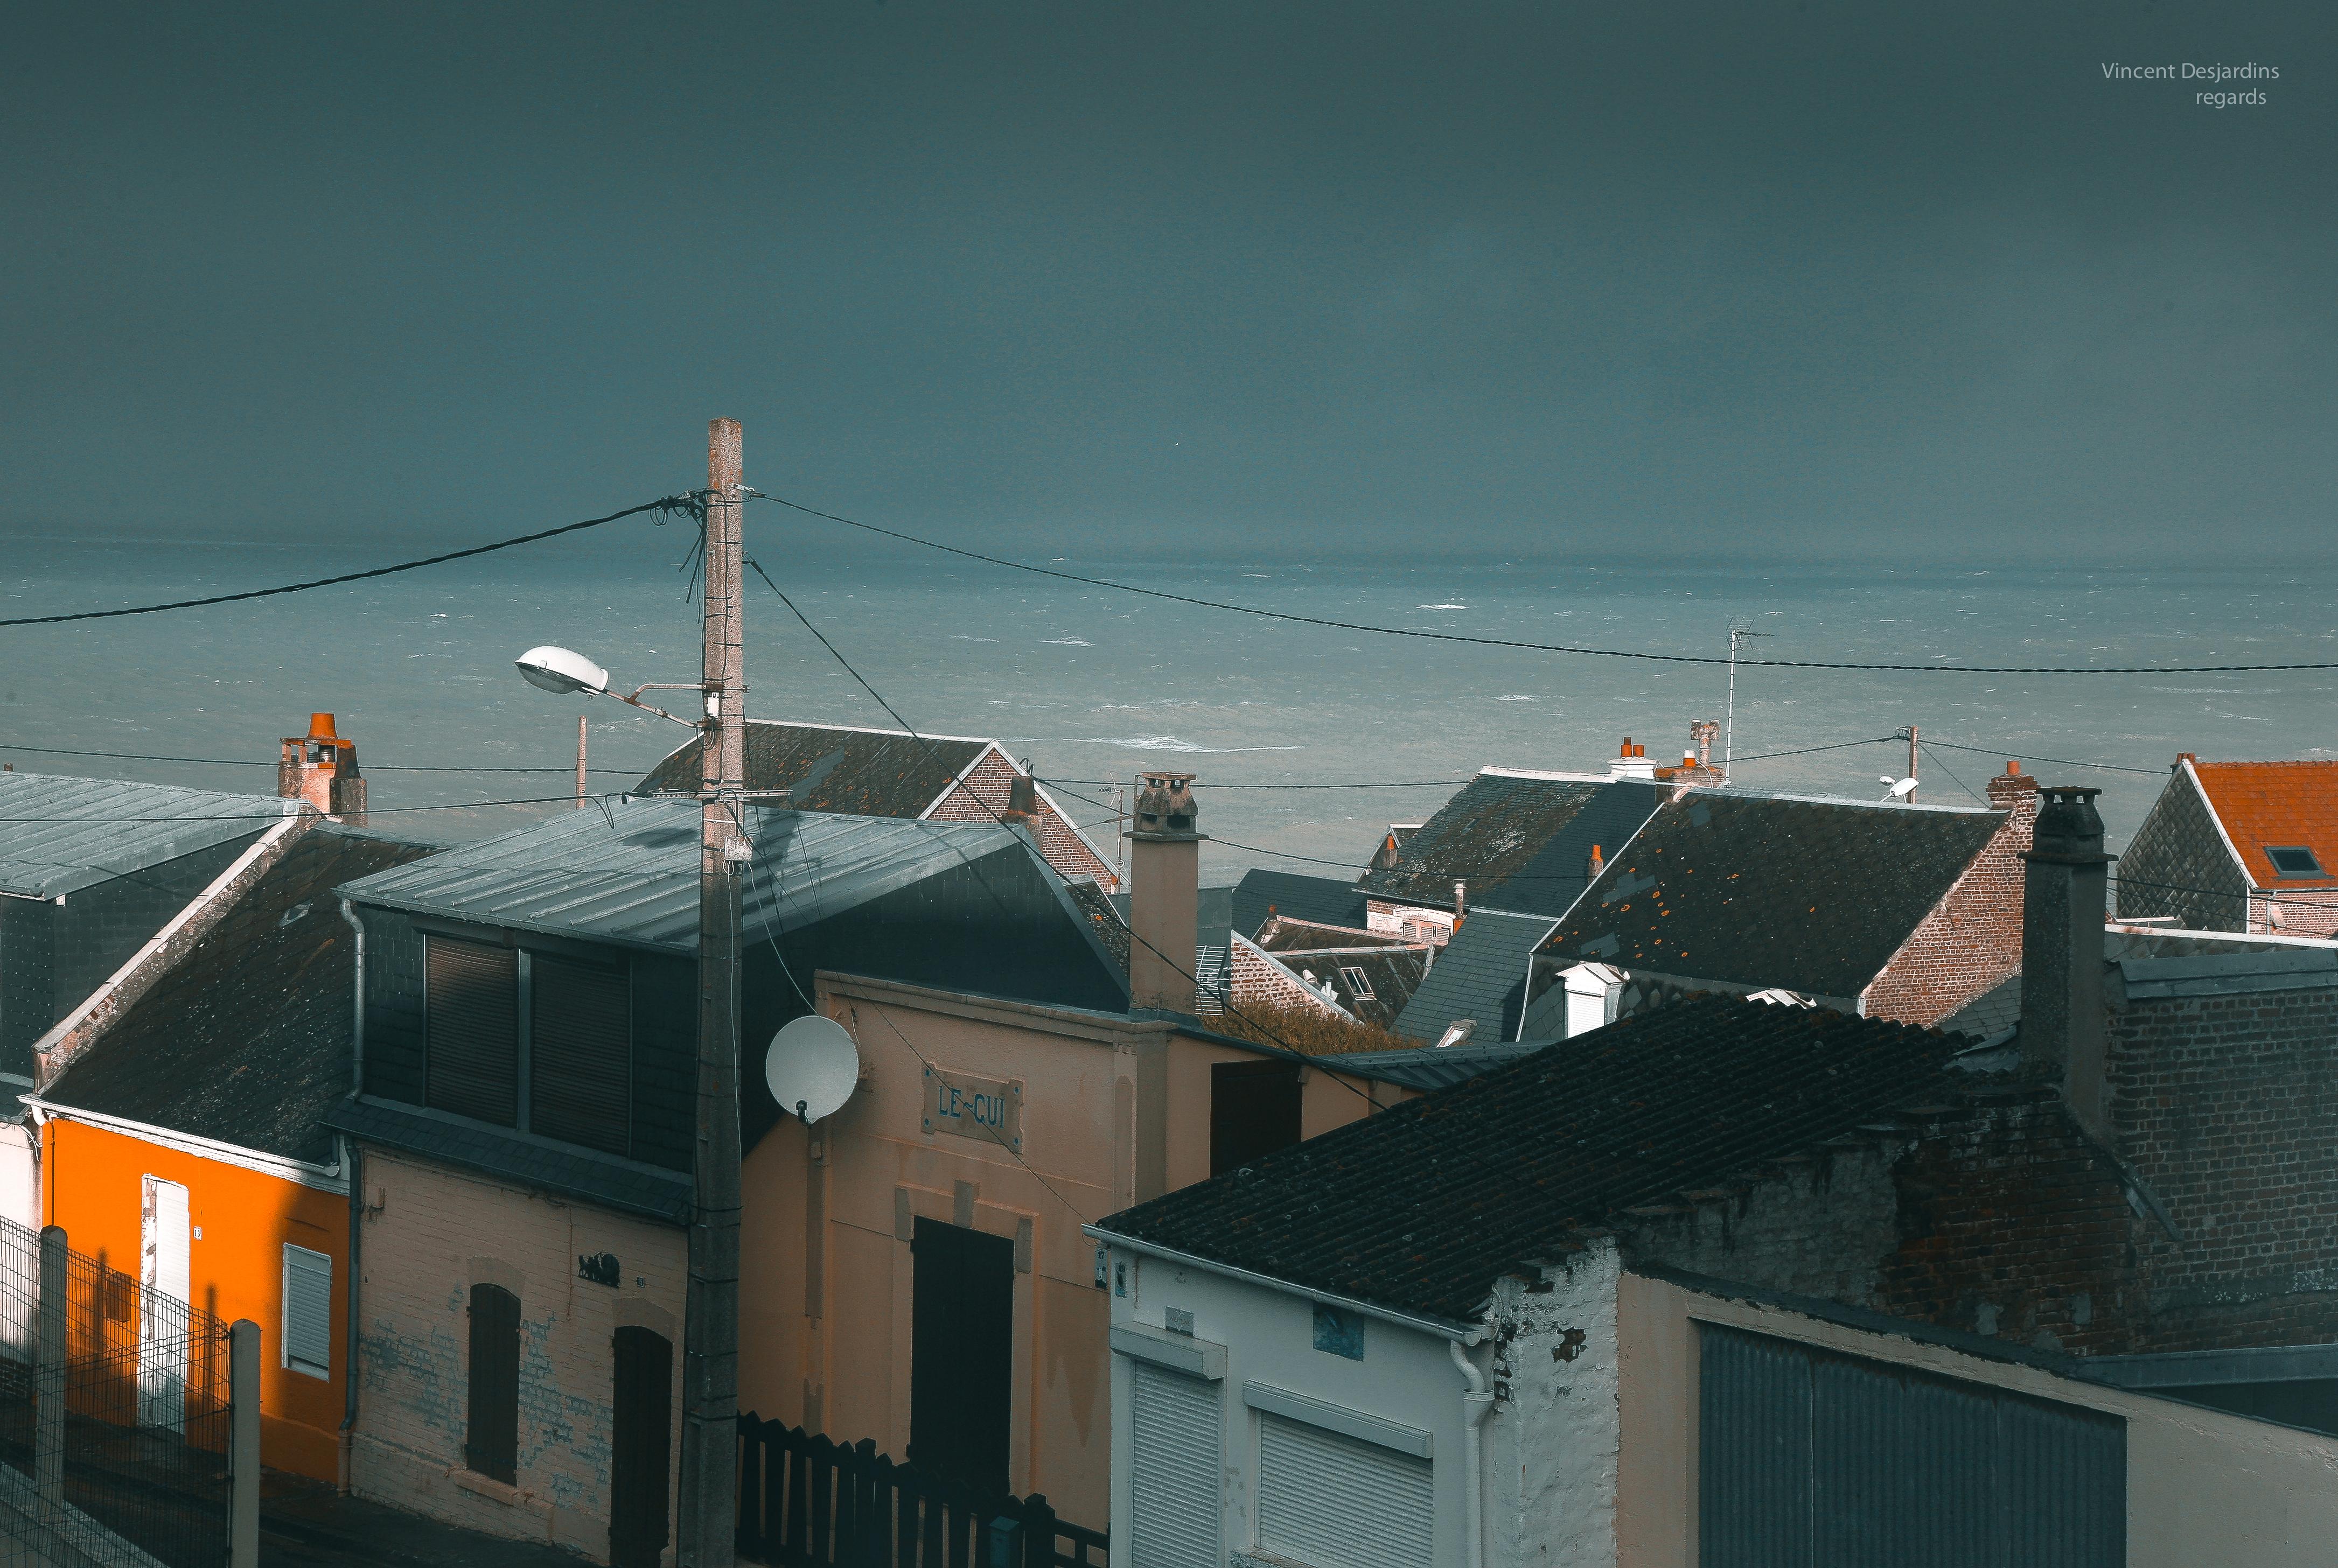 Гифка океан тайлер фрэнк гиф картинка, скачать анимированный gif.